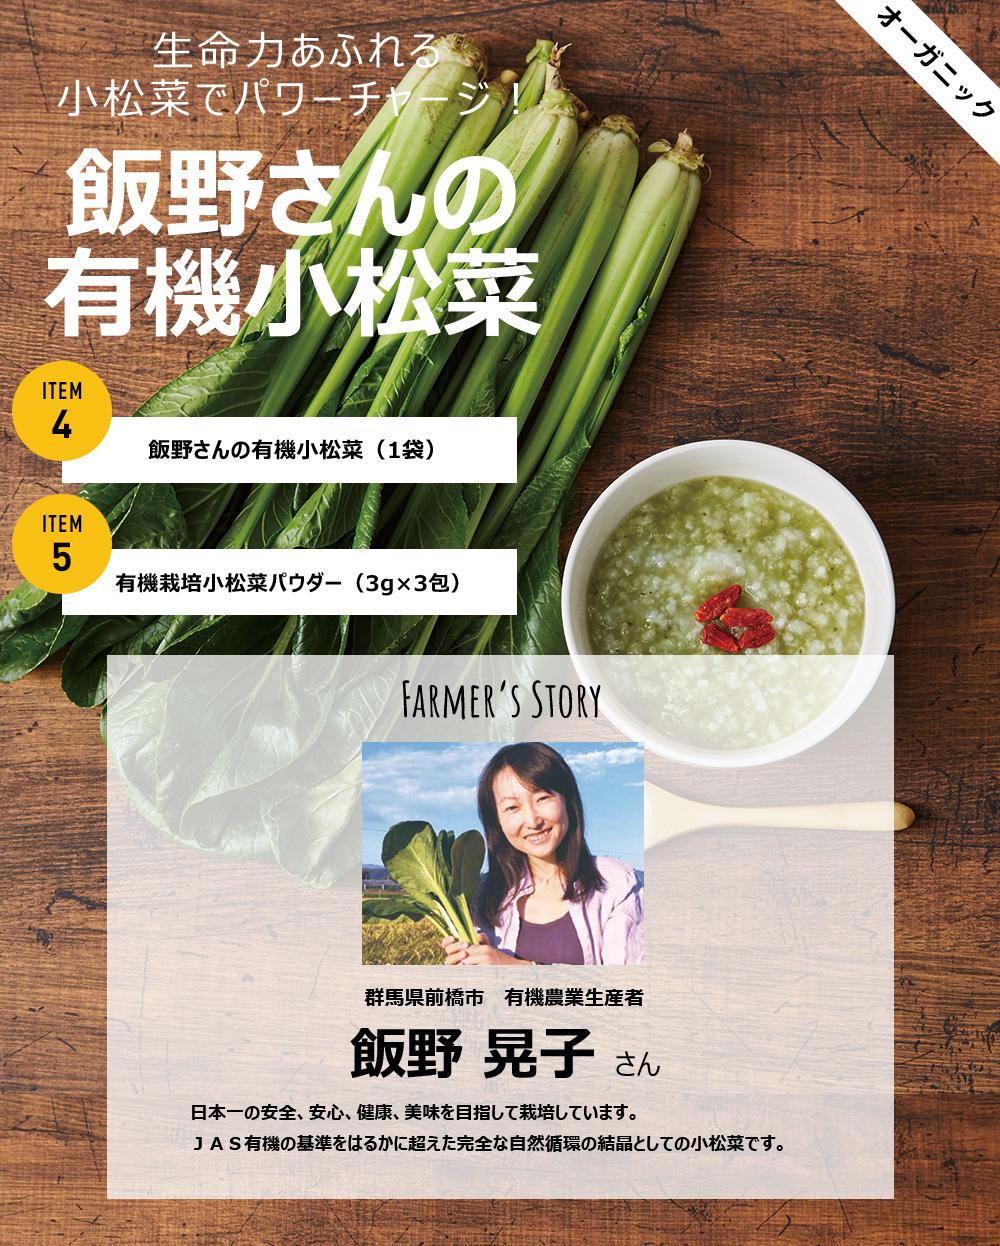 生命力あふれる小松菜でパワーチャージ! 飯野さんの有機小松菜